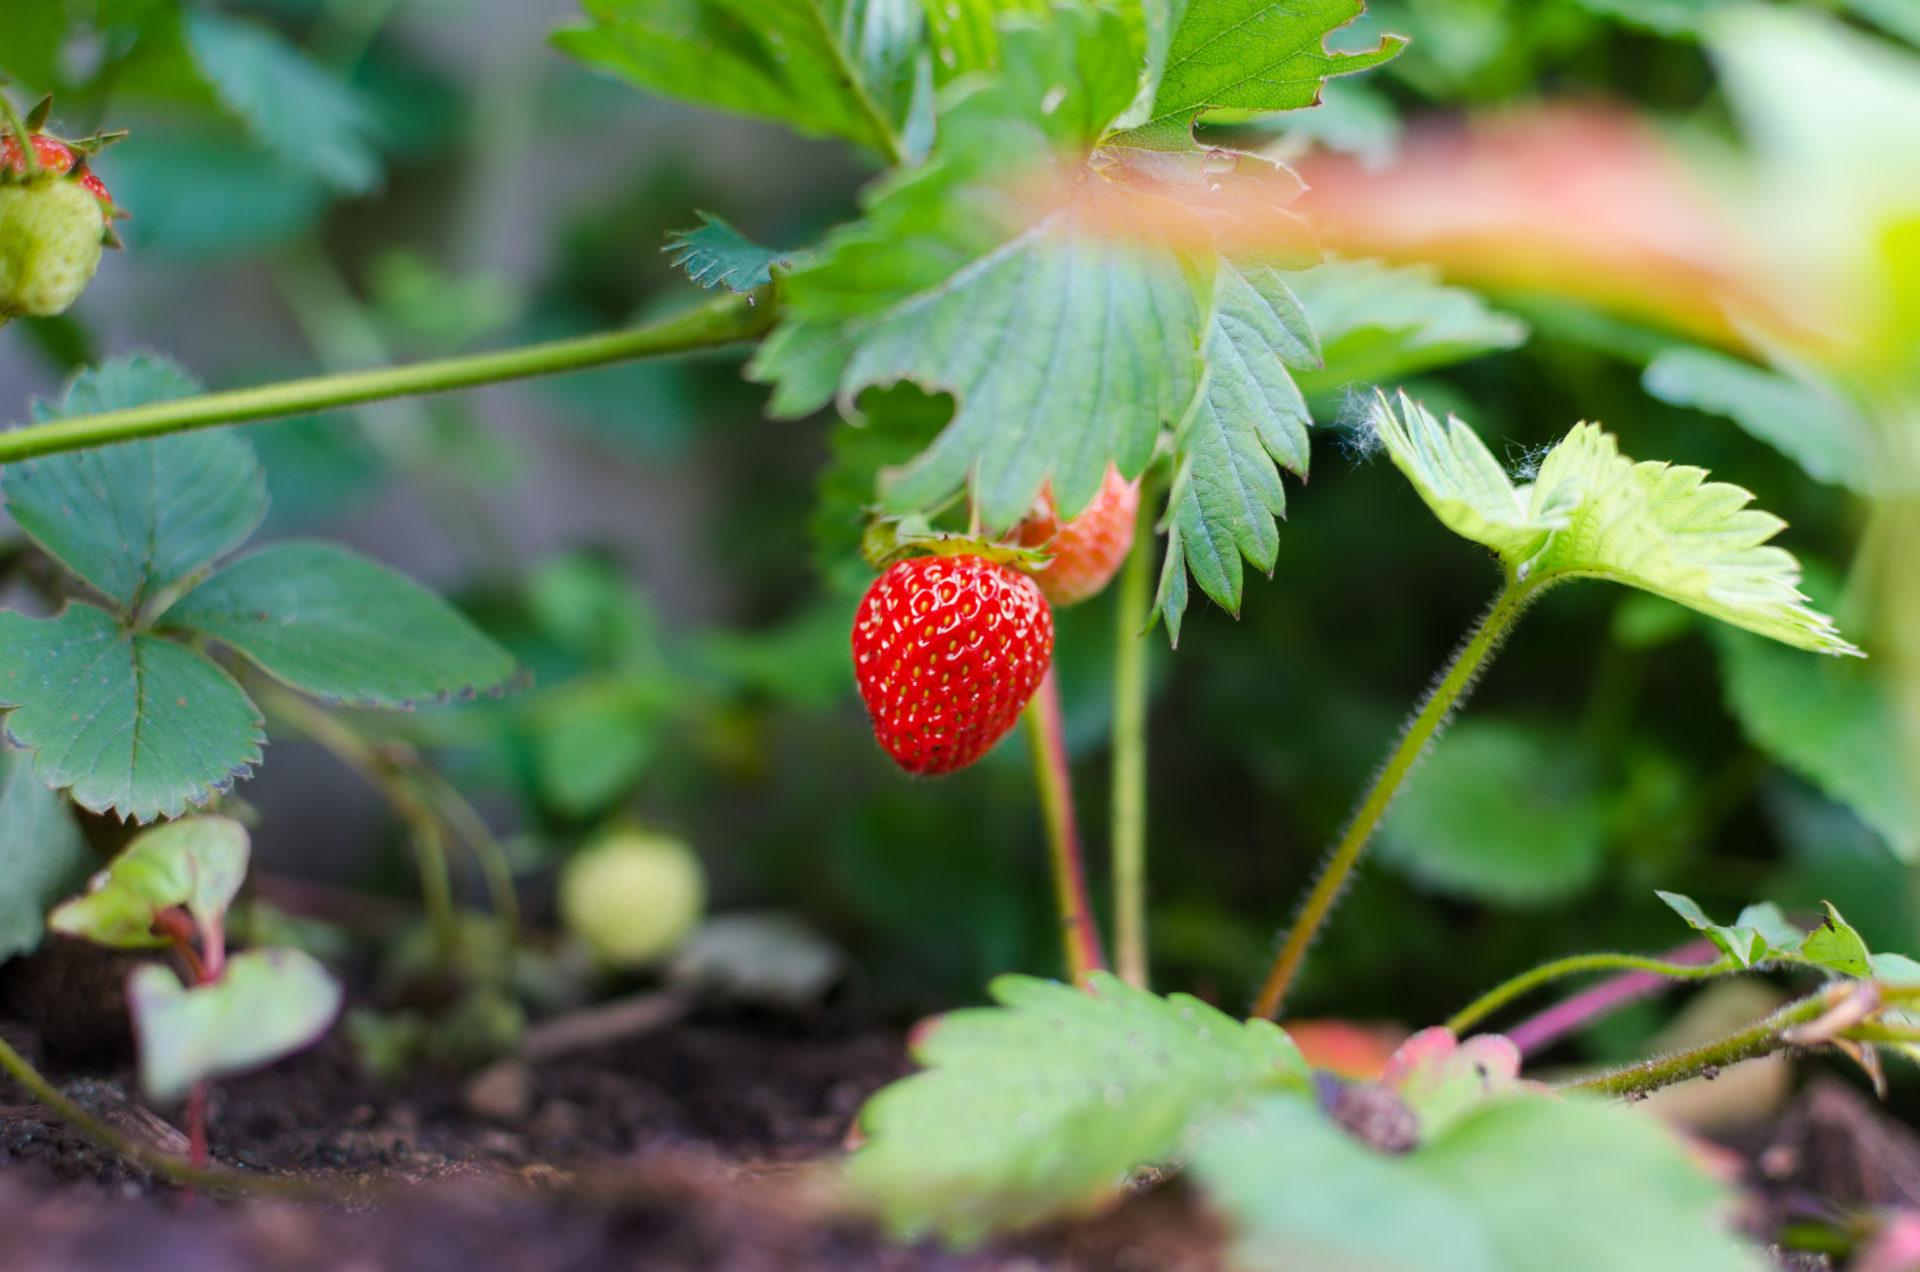 Le Jardinage Pour Les Nuls En 5 Innovations - Blog Noova ... encequiconcerne Jardiner Pour Les Nuls